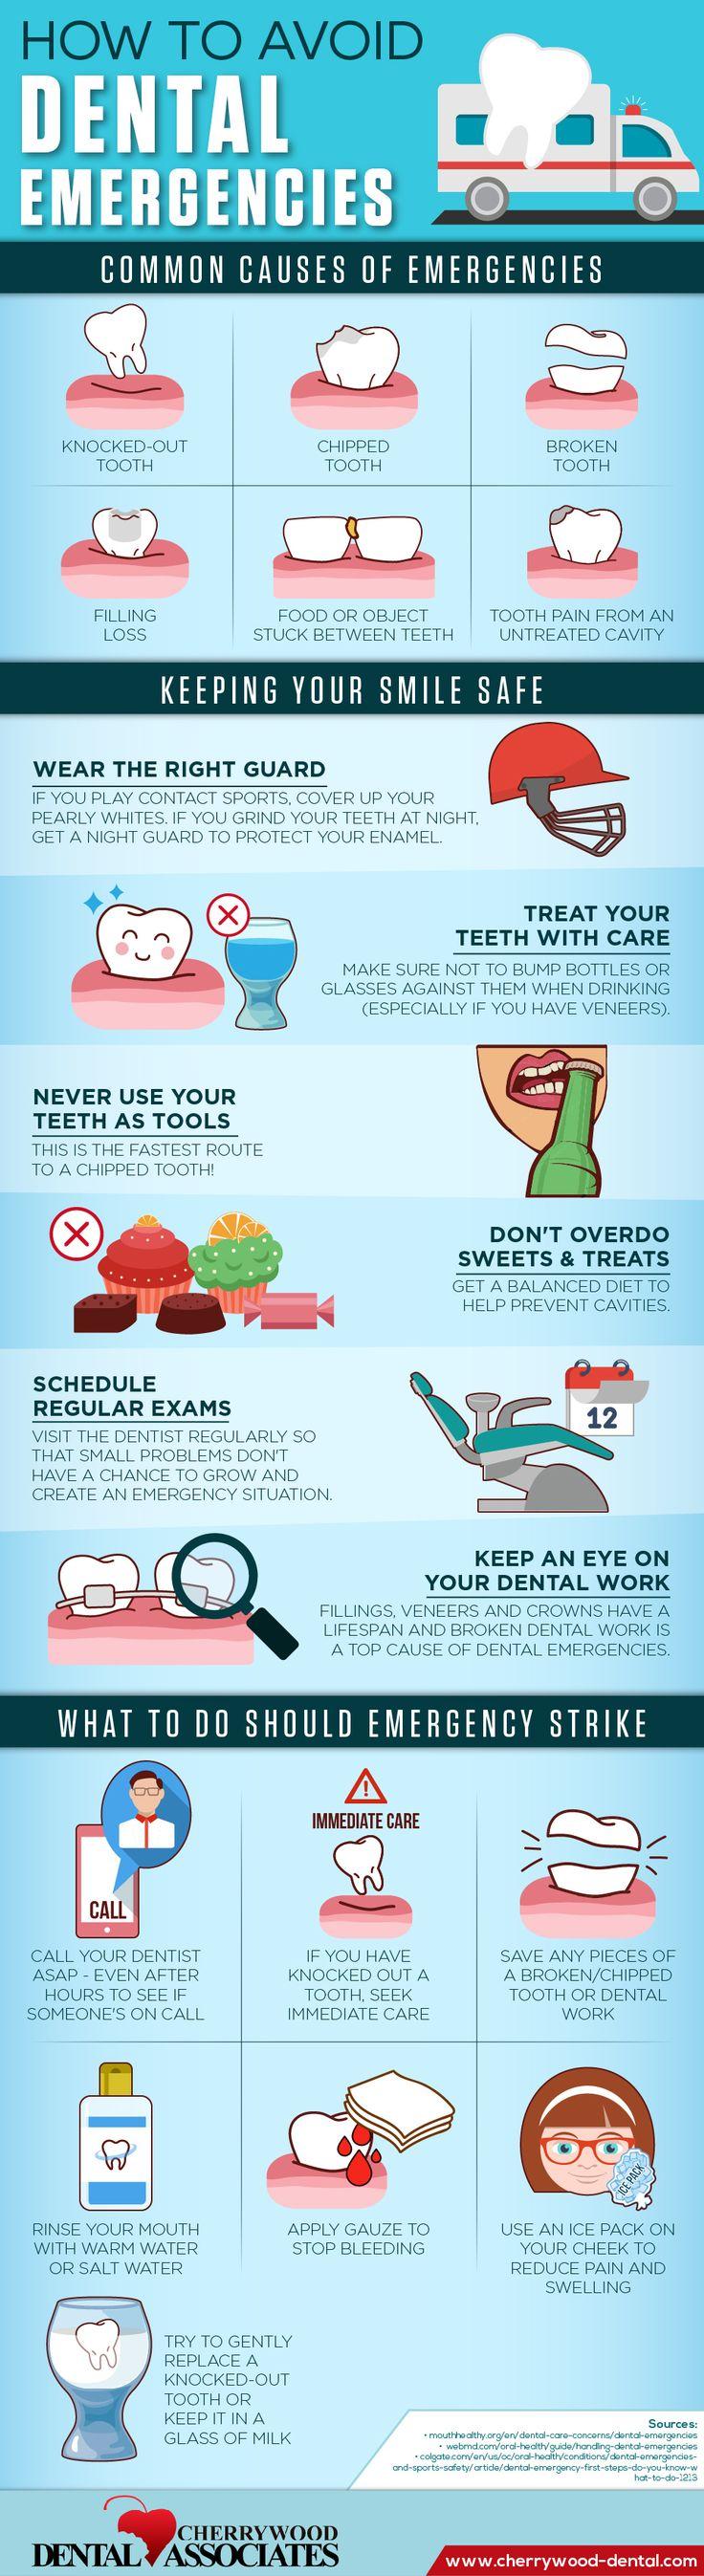 106 best Blog Posts images on Pinterest | Dental care, Dental ...